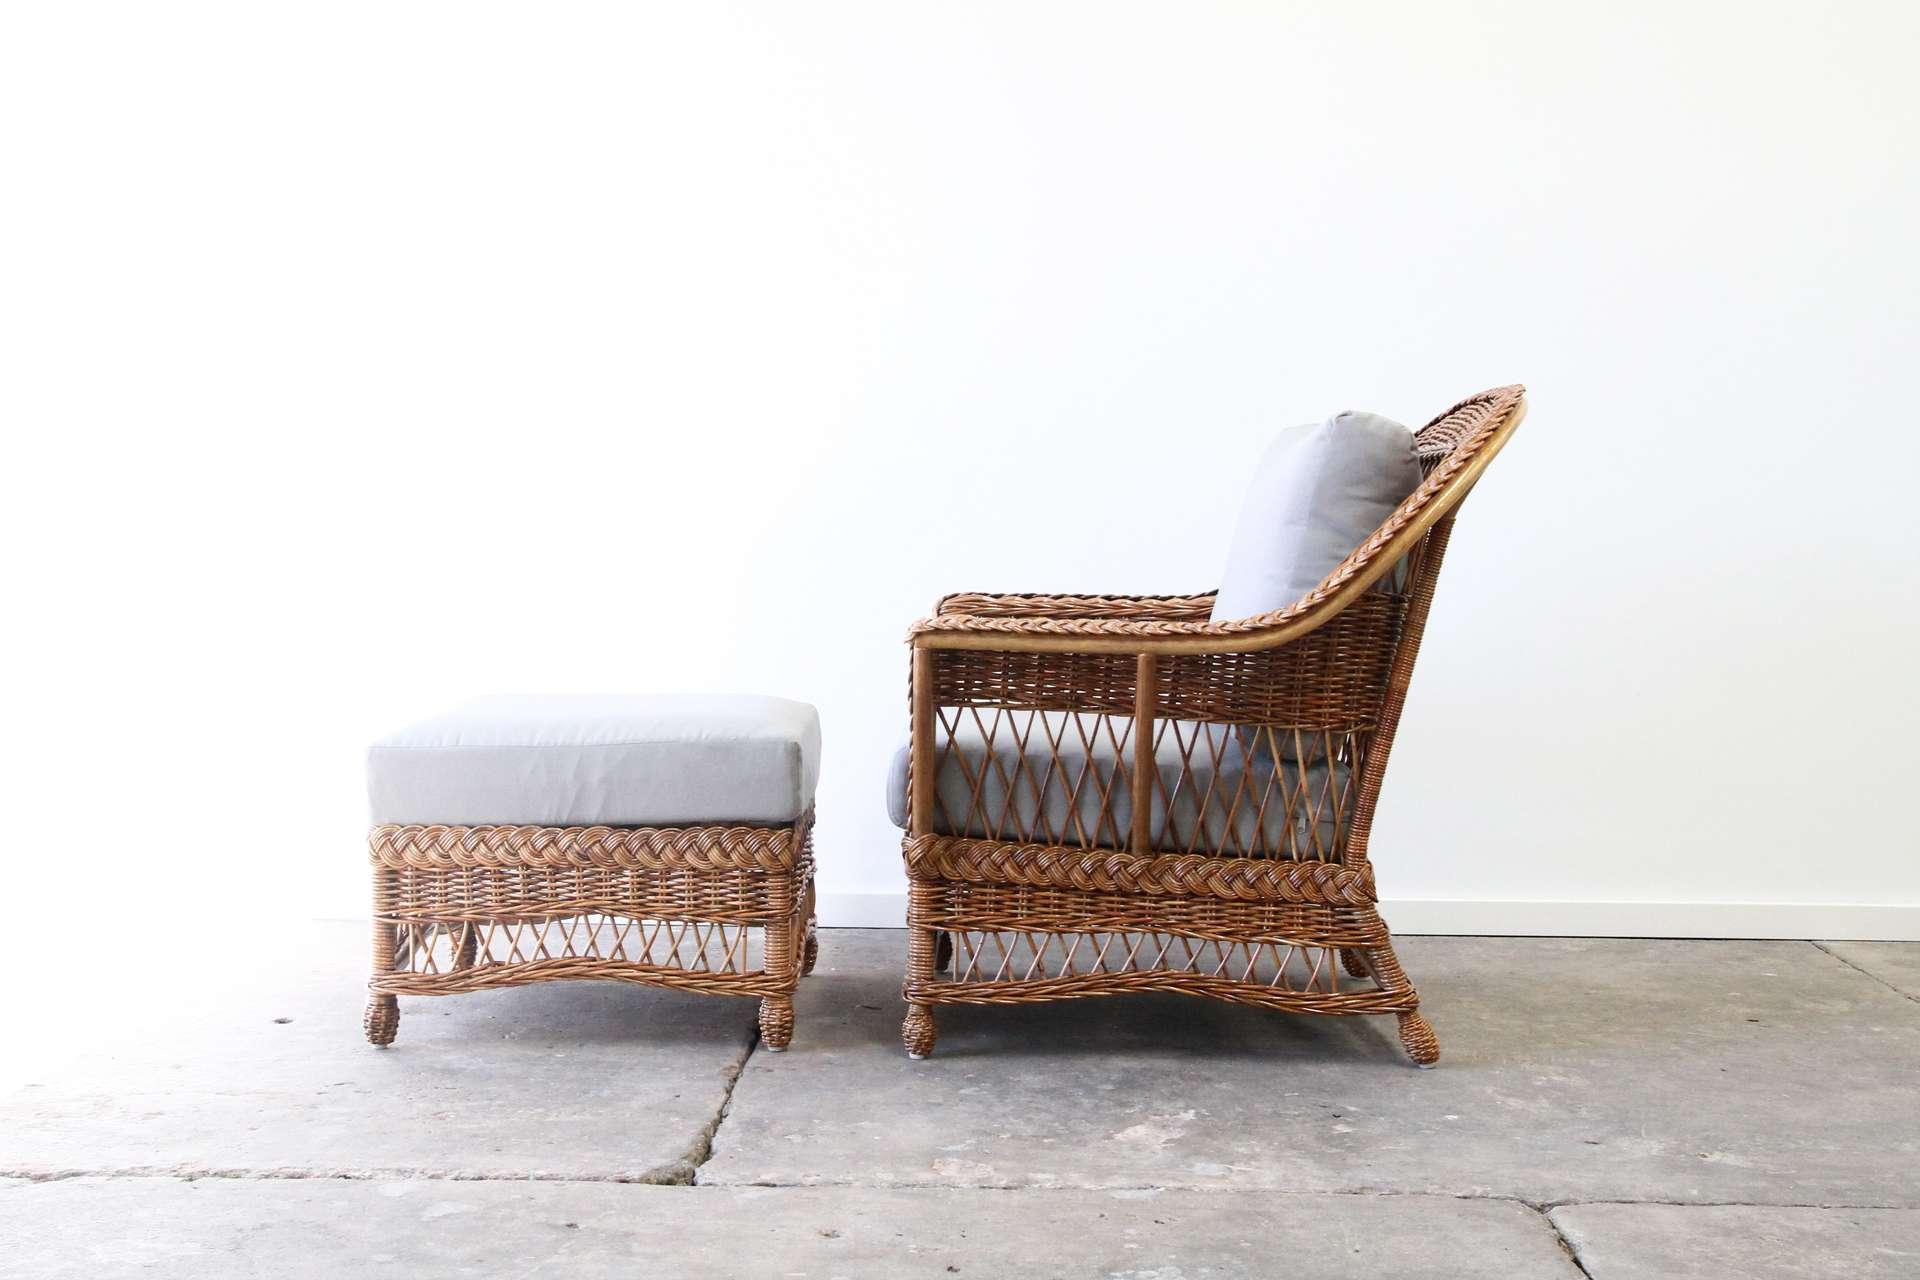 Rattan chair and ottoman